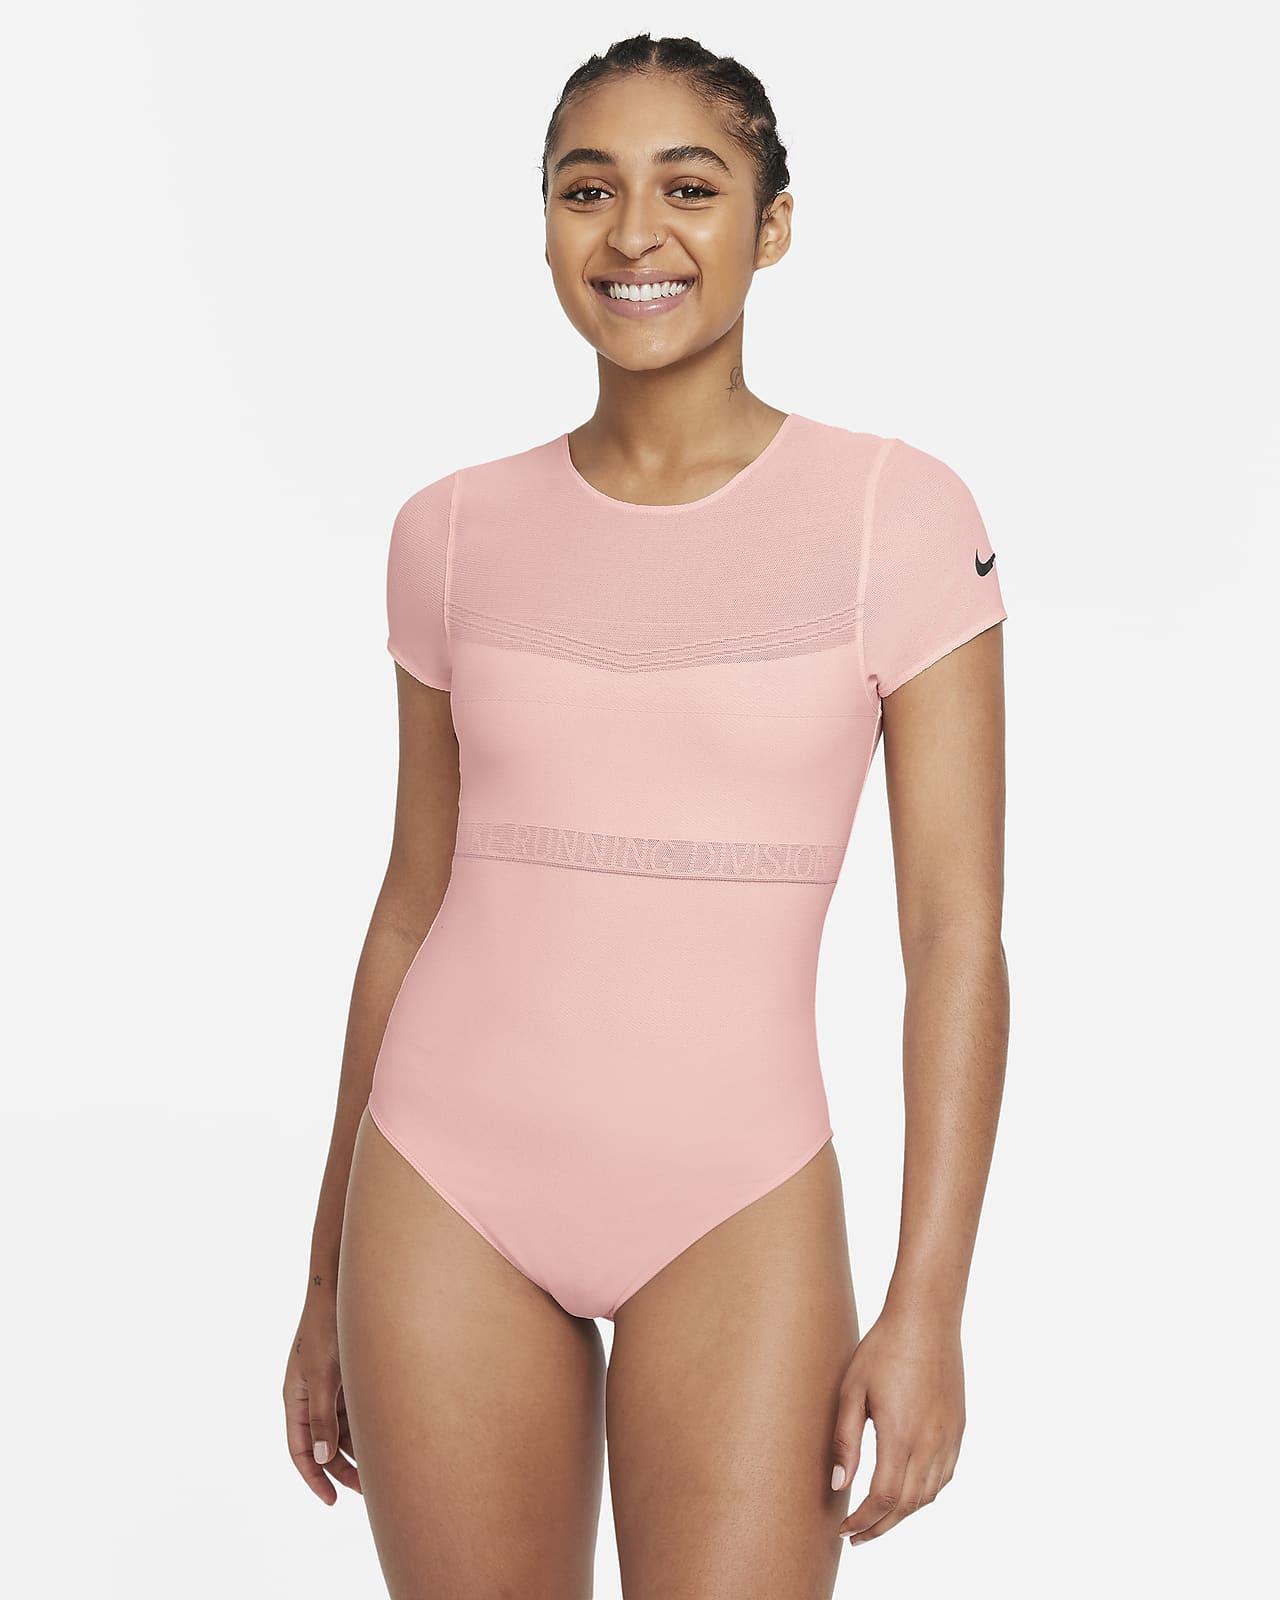 Nike Dri-FIT ADV Run Division speziell entwickelter Lauf-Body für Damen